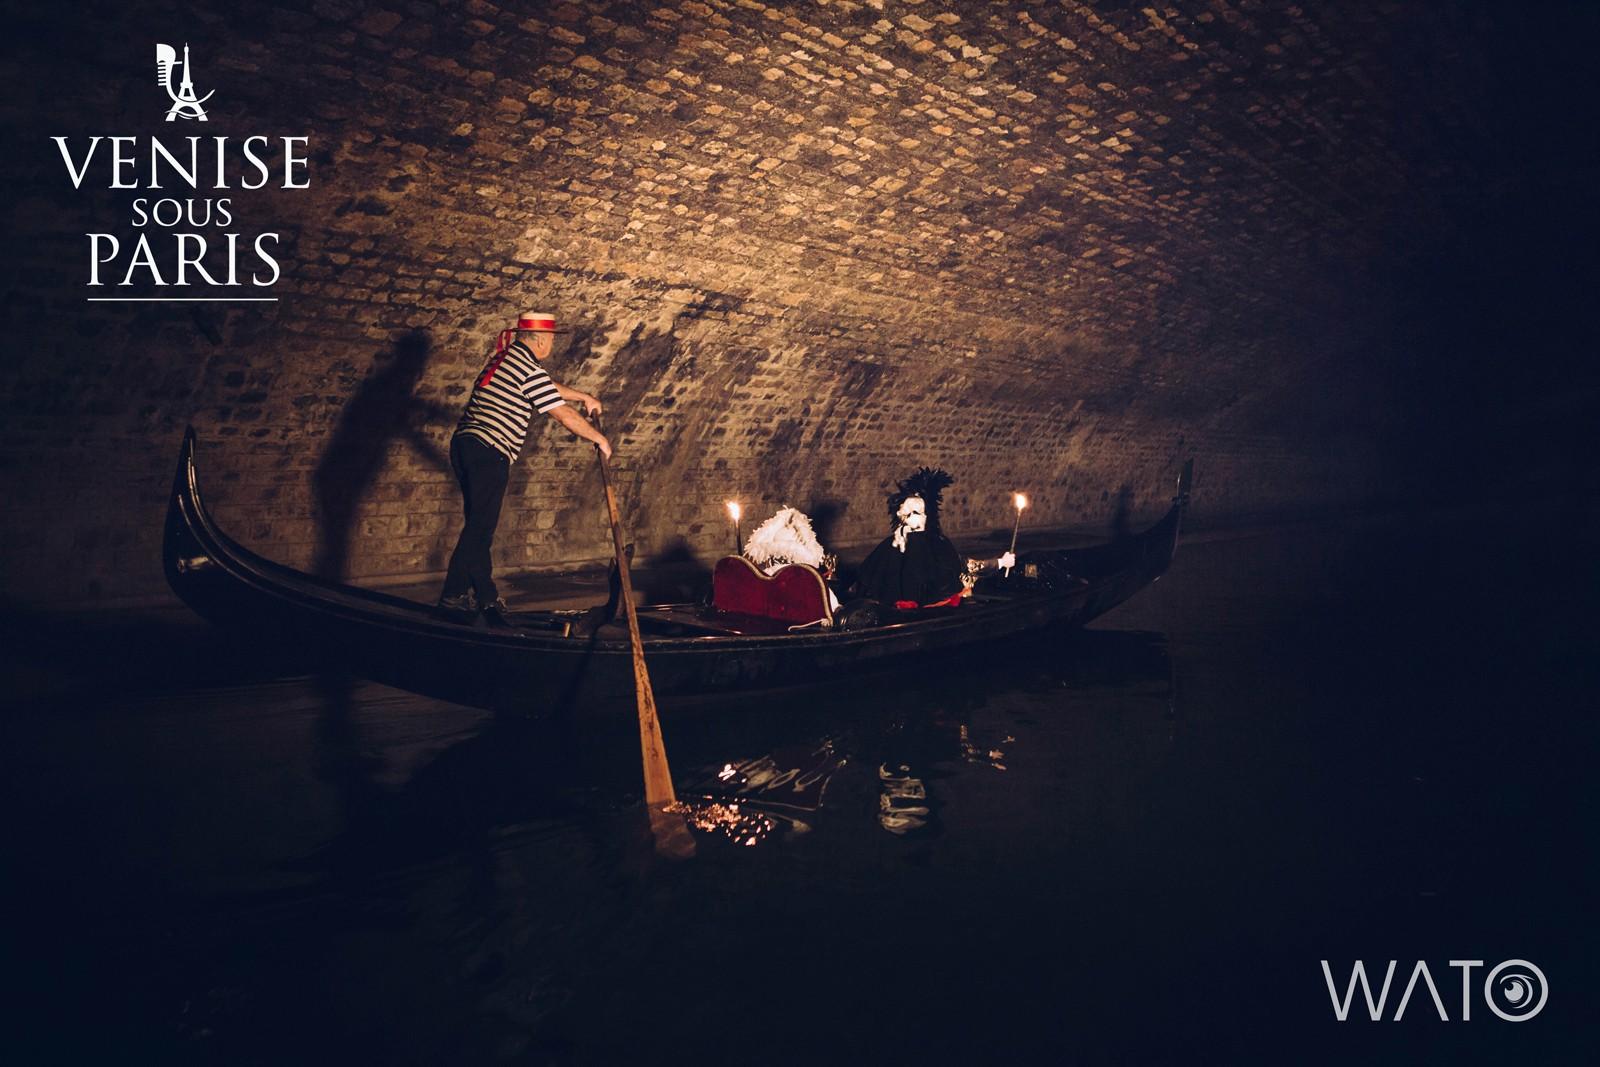 Venise sous paris wato évènement we are the oracle réservation soirée paris janvier 2016